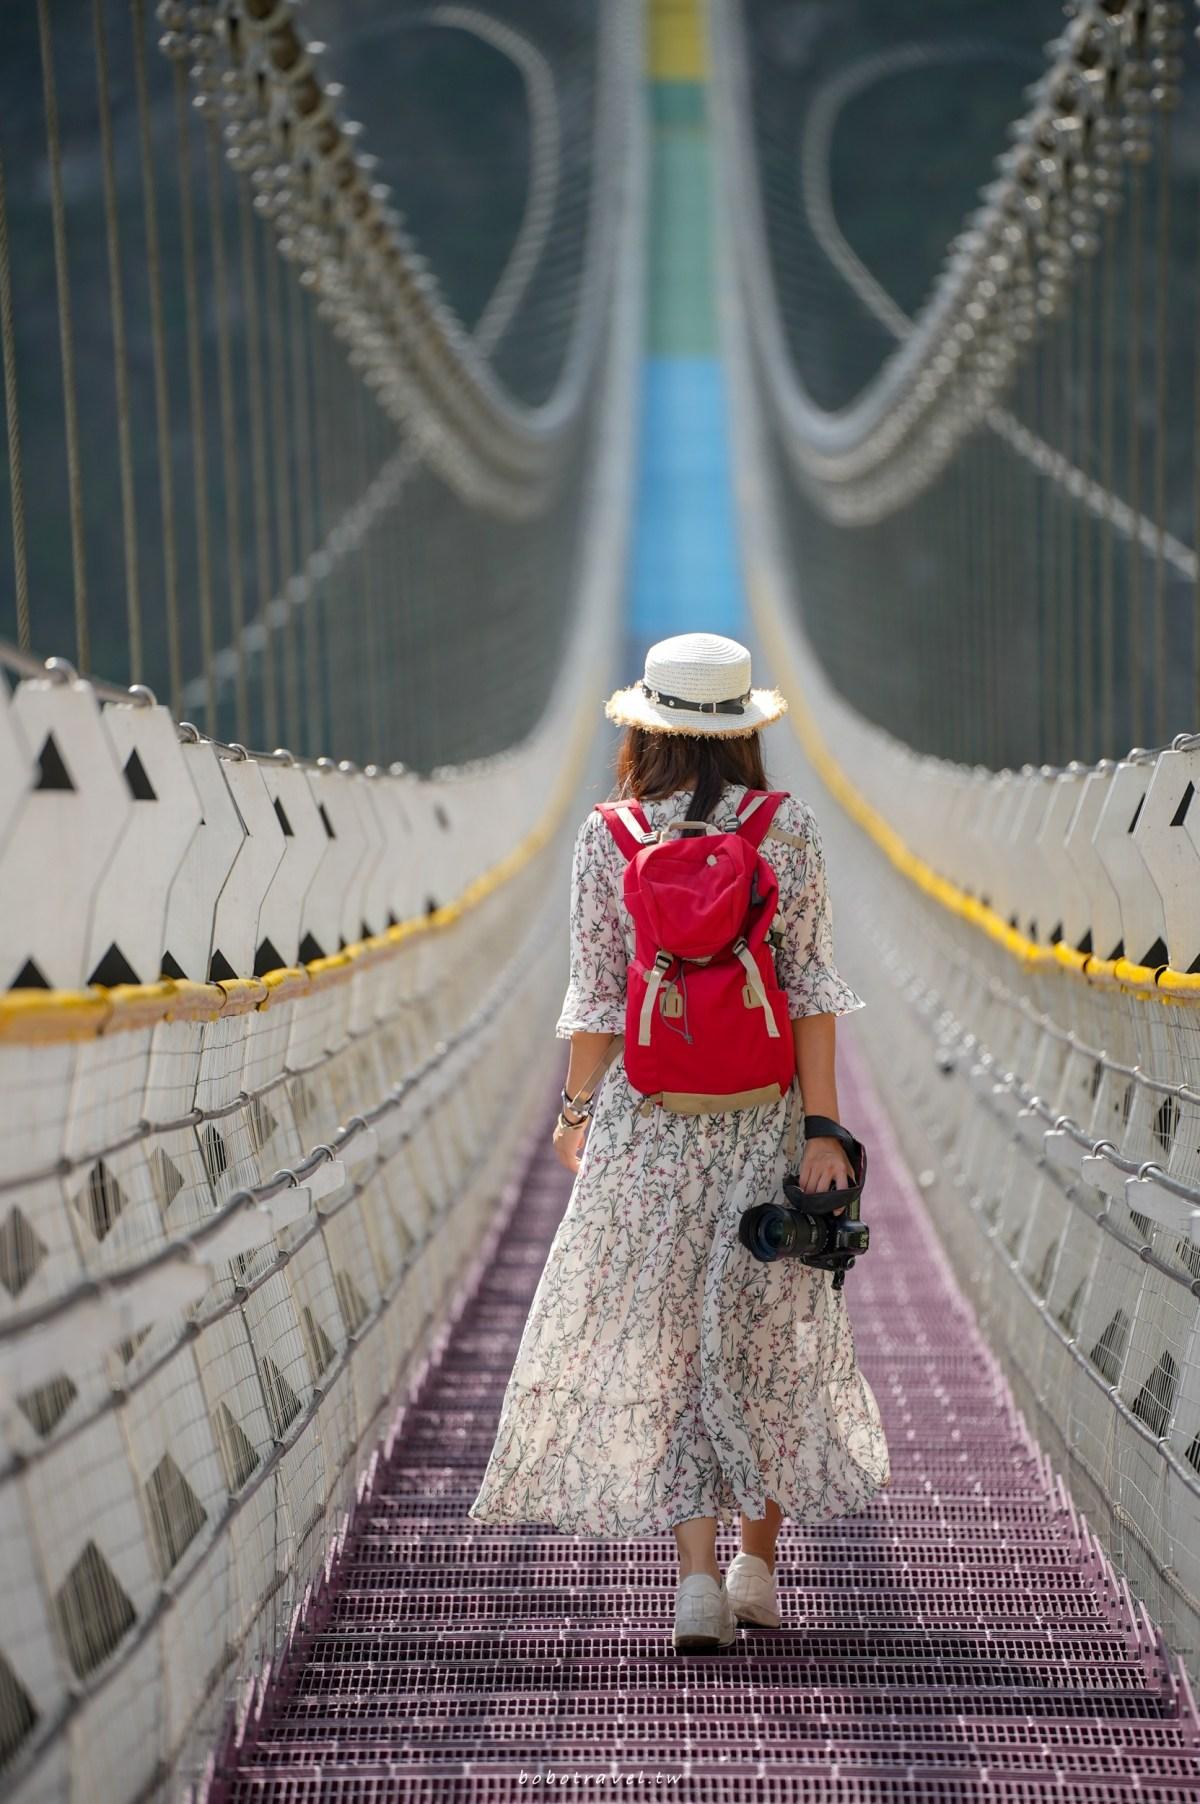 彩虹吊橋3